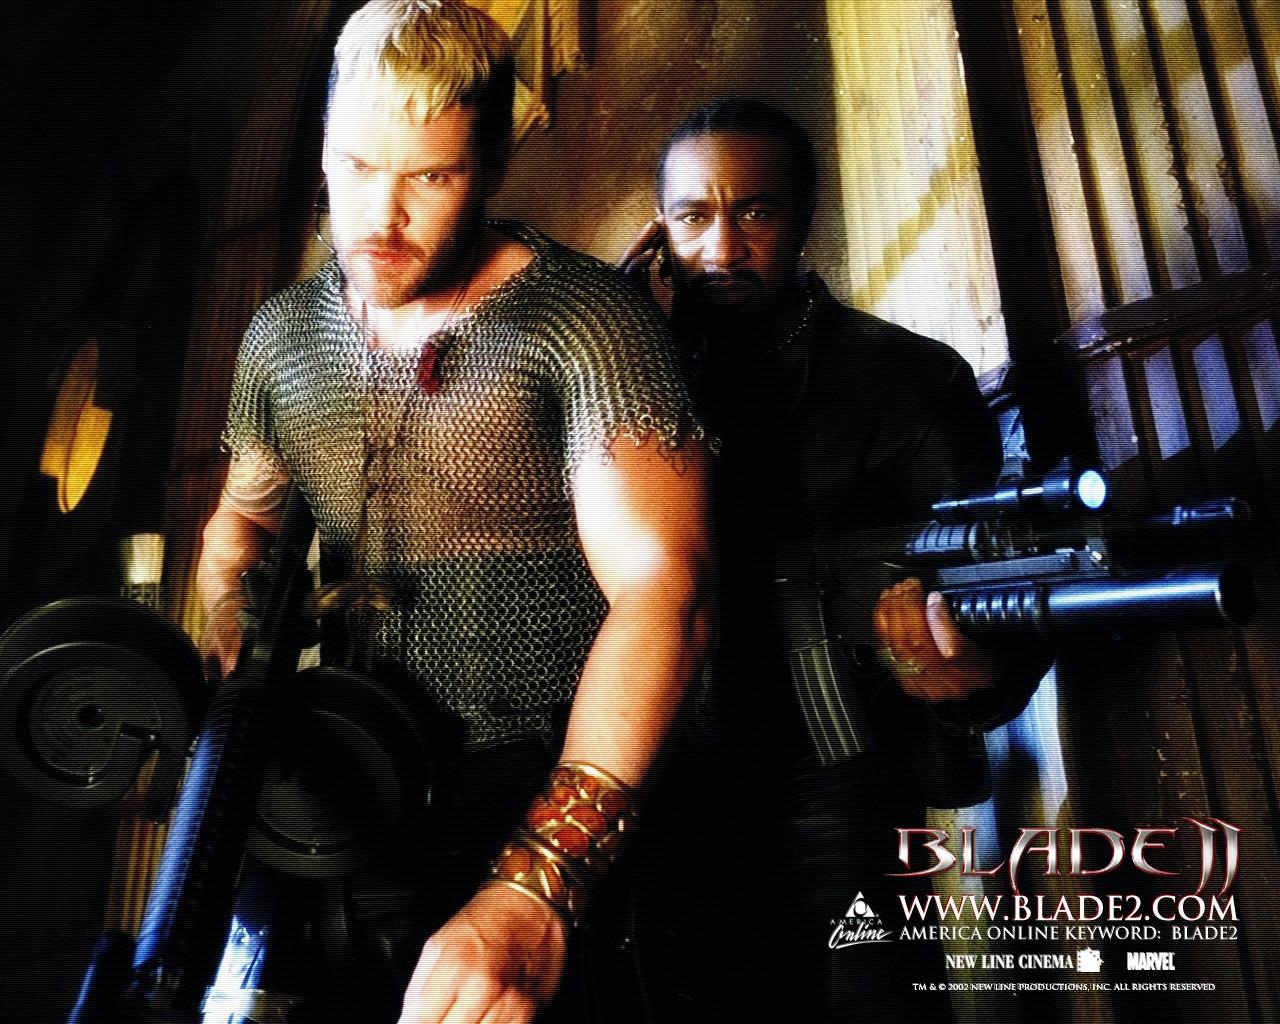 Wallpaper di Danny Matt Schulze e John Jules del film 'Blade II'